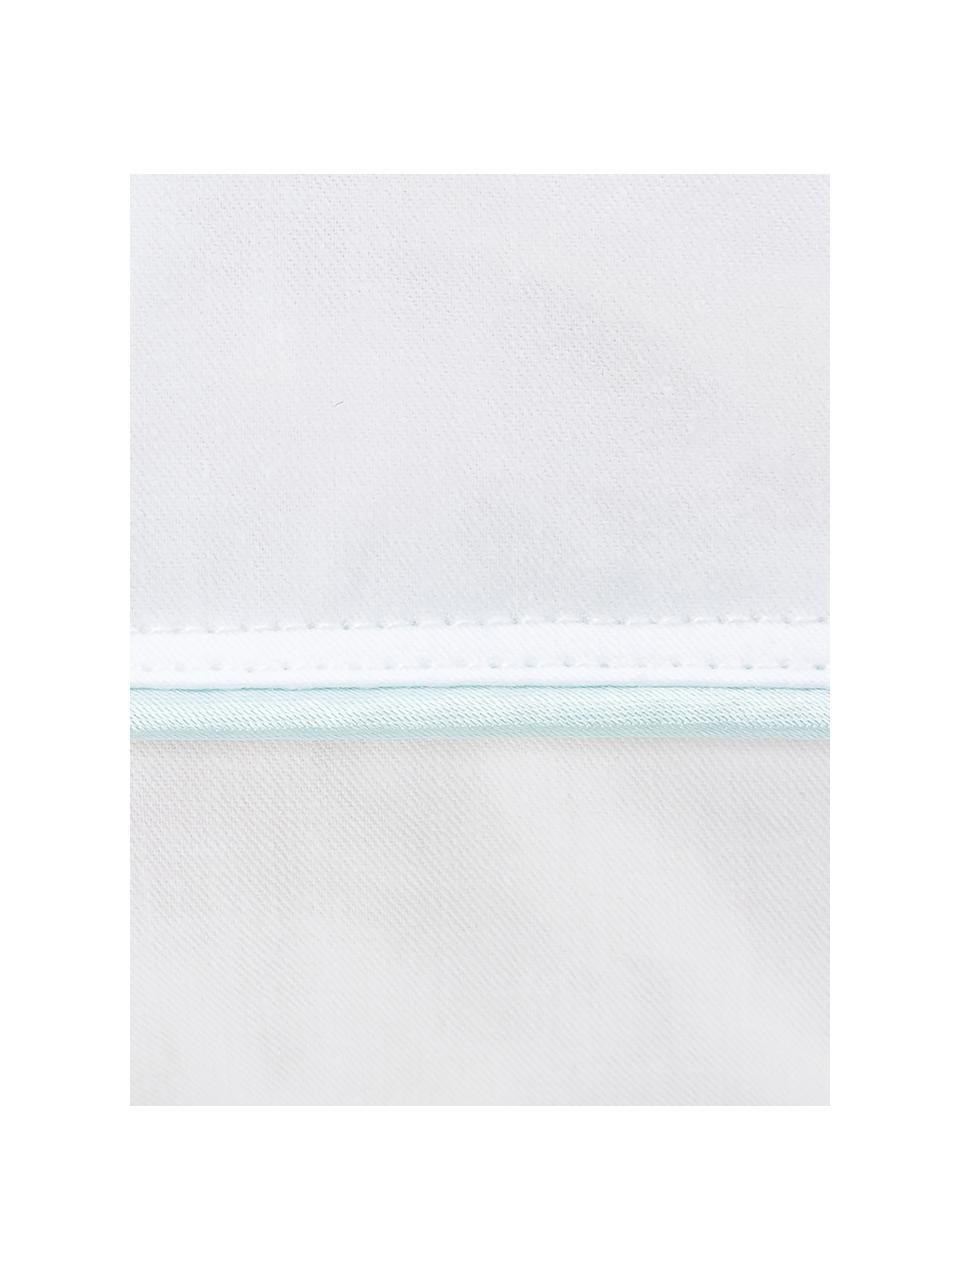 Feder-Kopfkissen Classic, mittel, Hülle: 100% Baumwolle, Mako-Köpe, Weiß, 80 x 80 cm